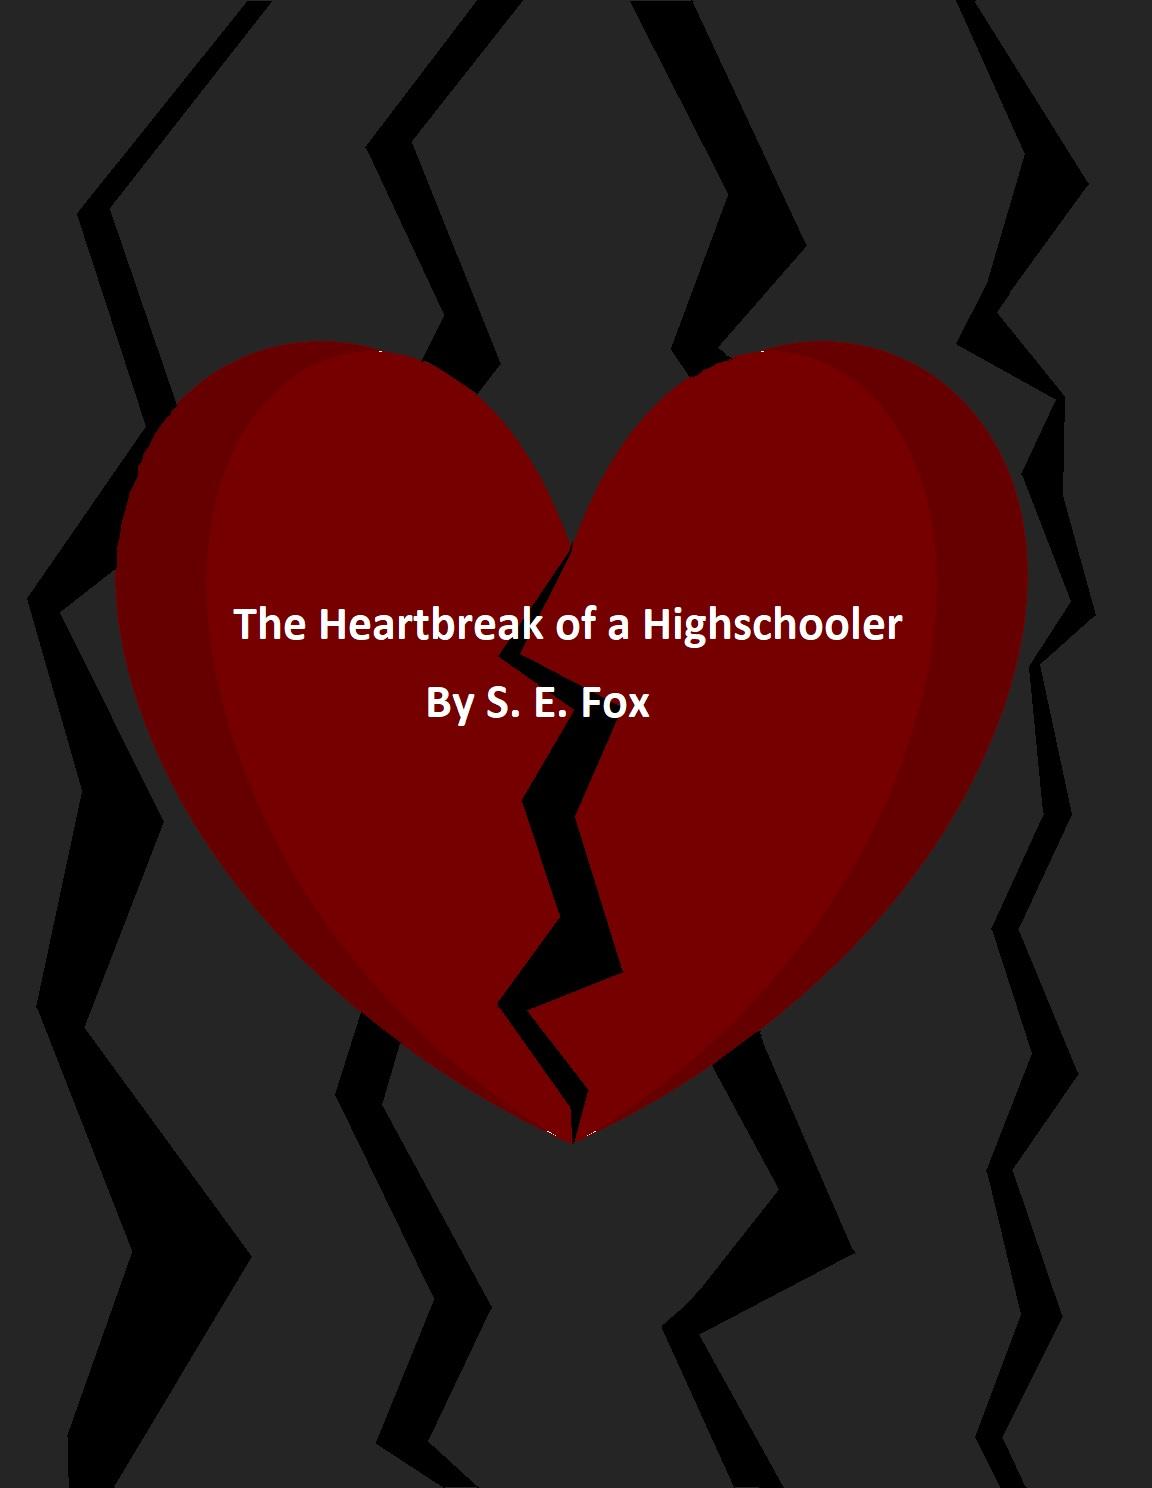 The Heartbreaks of a Highschooler